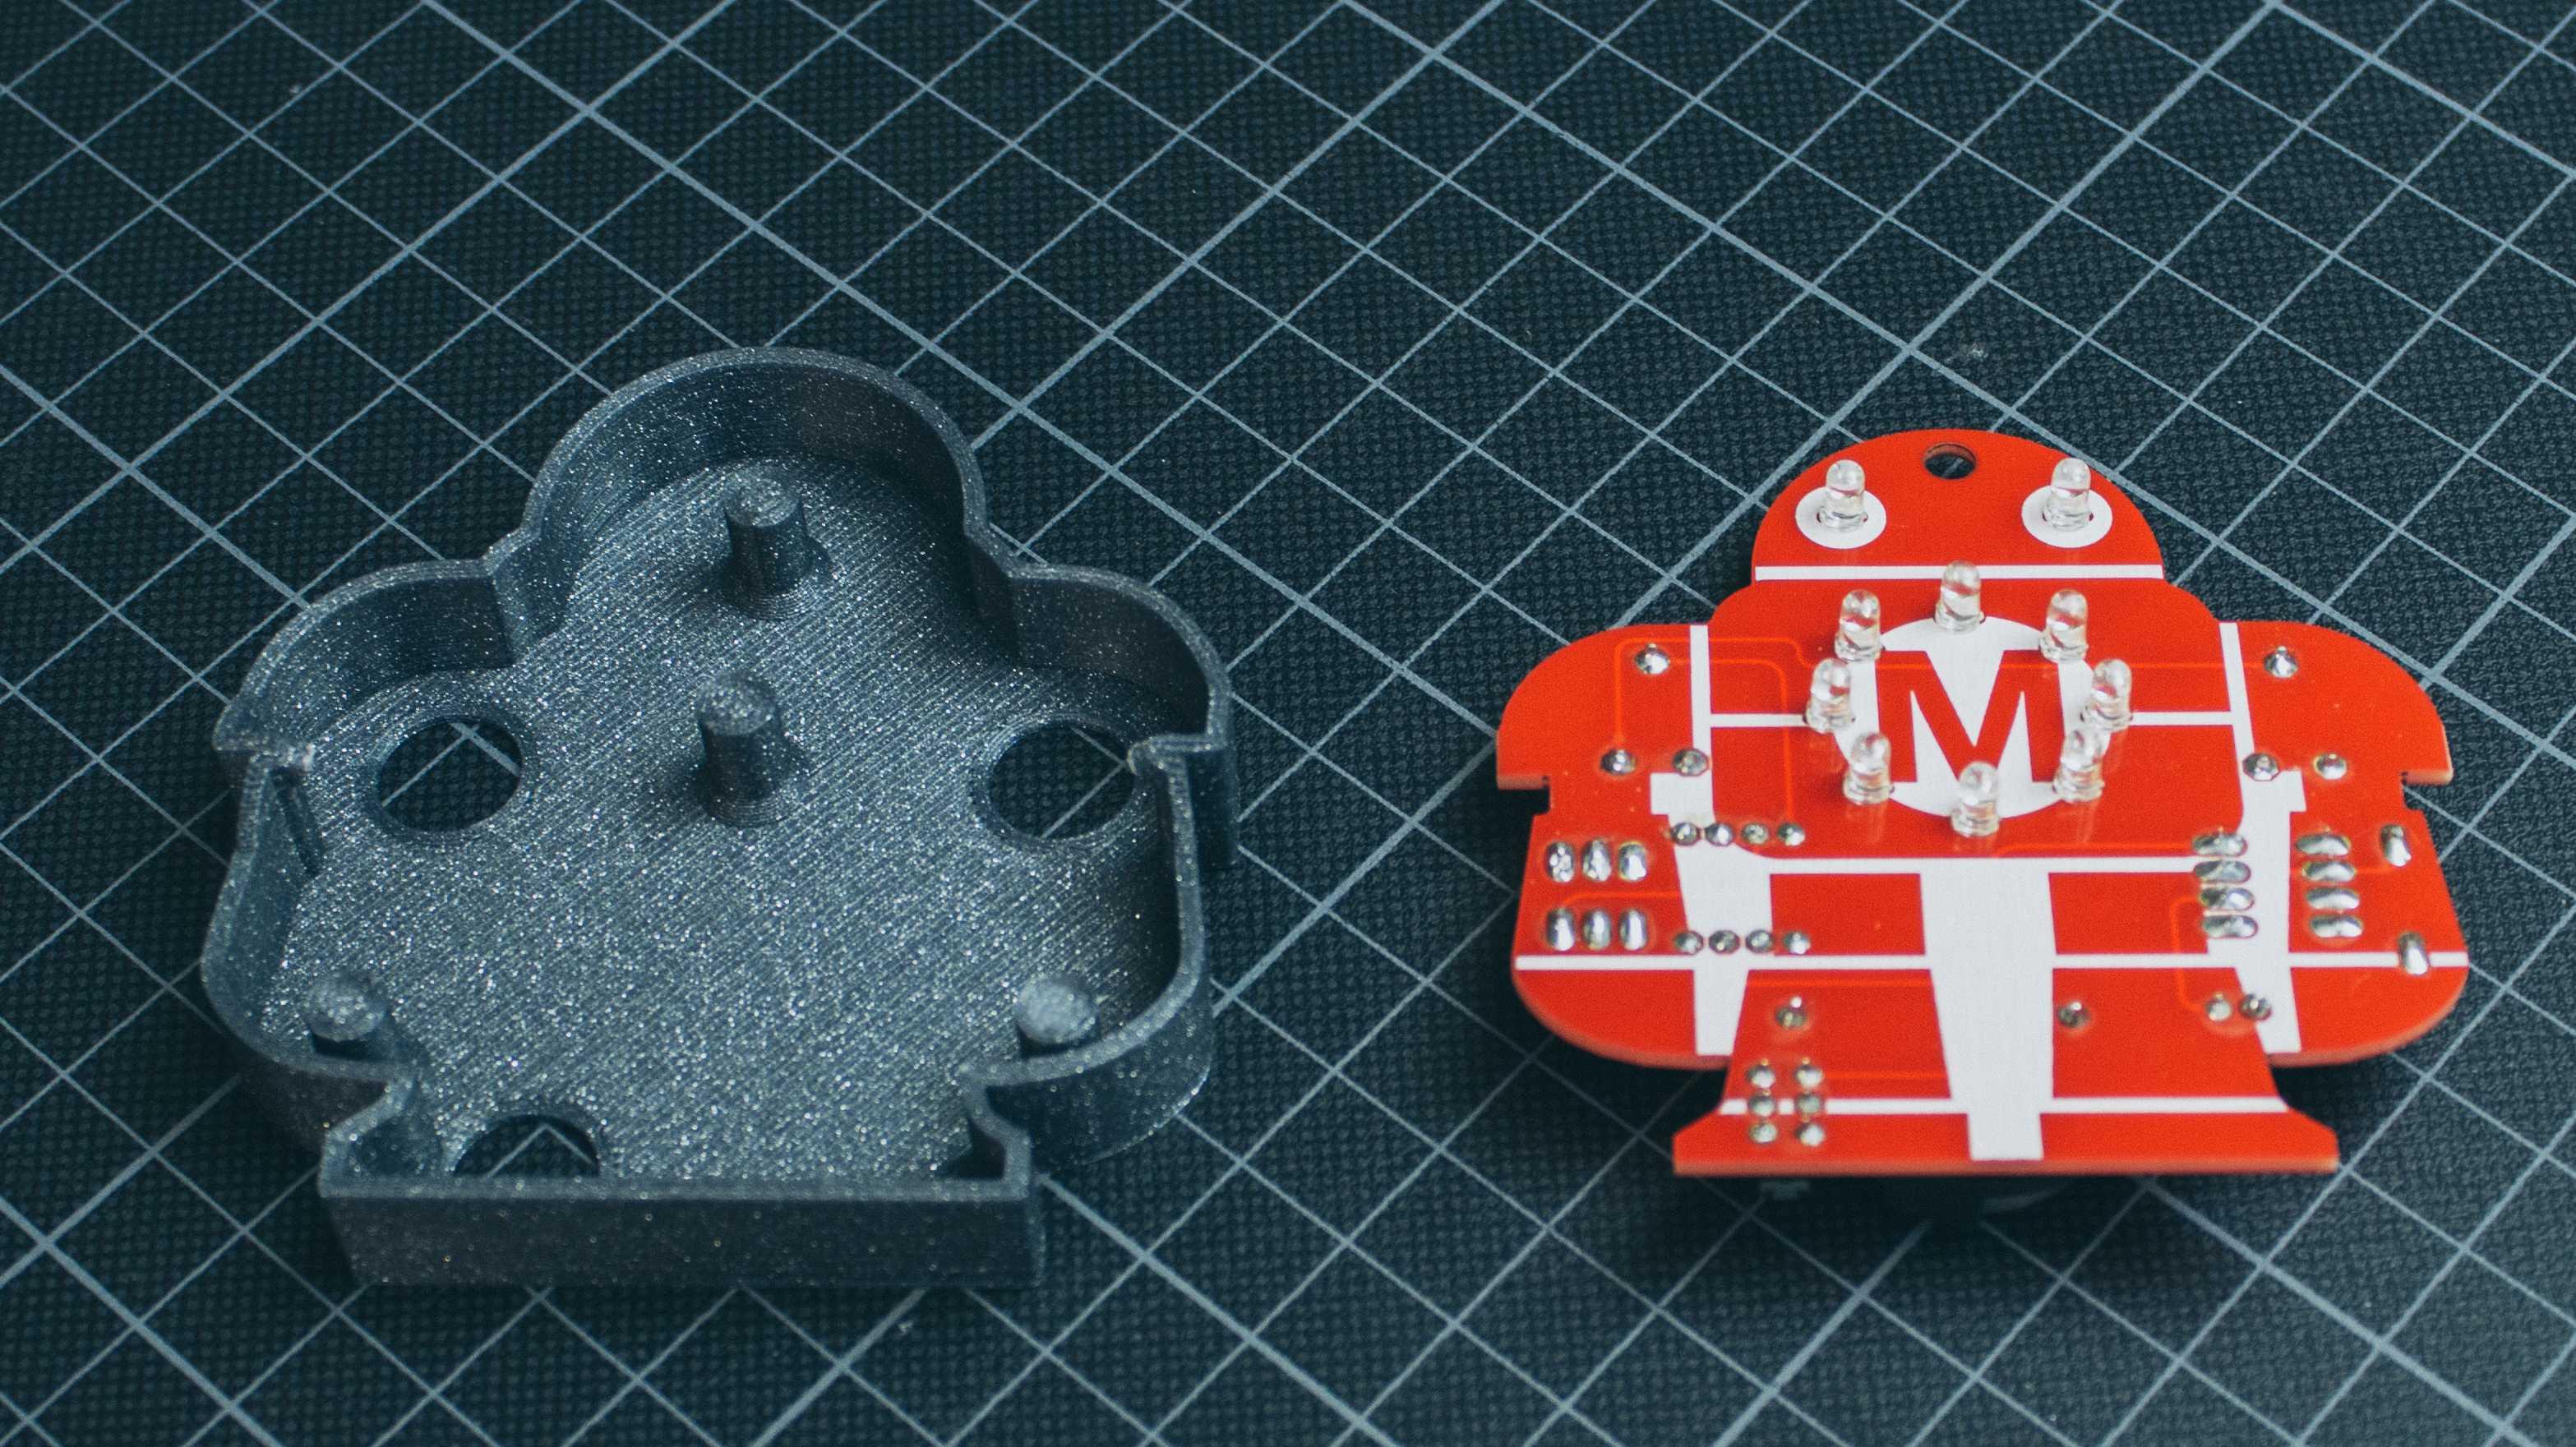 Auf einer Millimetermatte liegen eine rote Platine in Form eines Roboters und daneben ein Gehäuse aus dem 3D-Drucker.